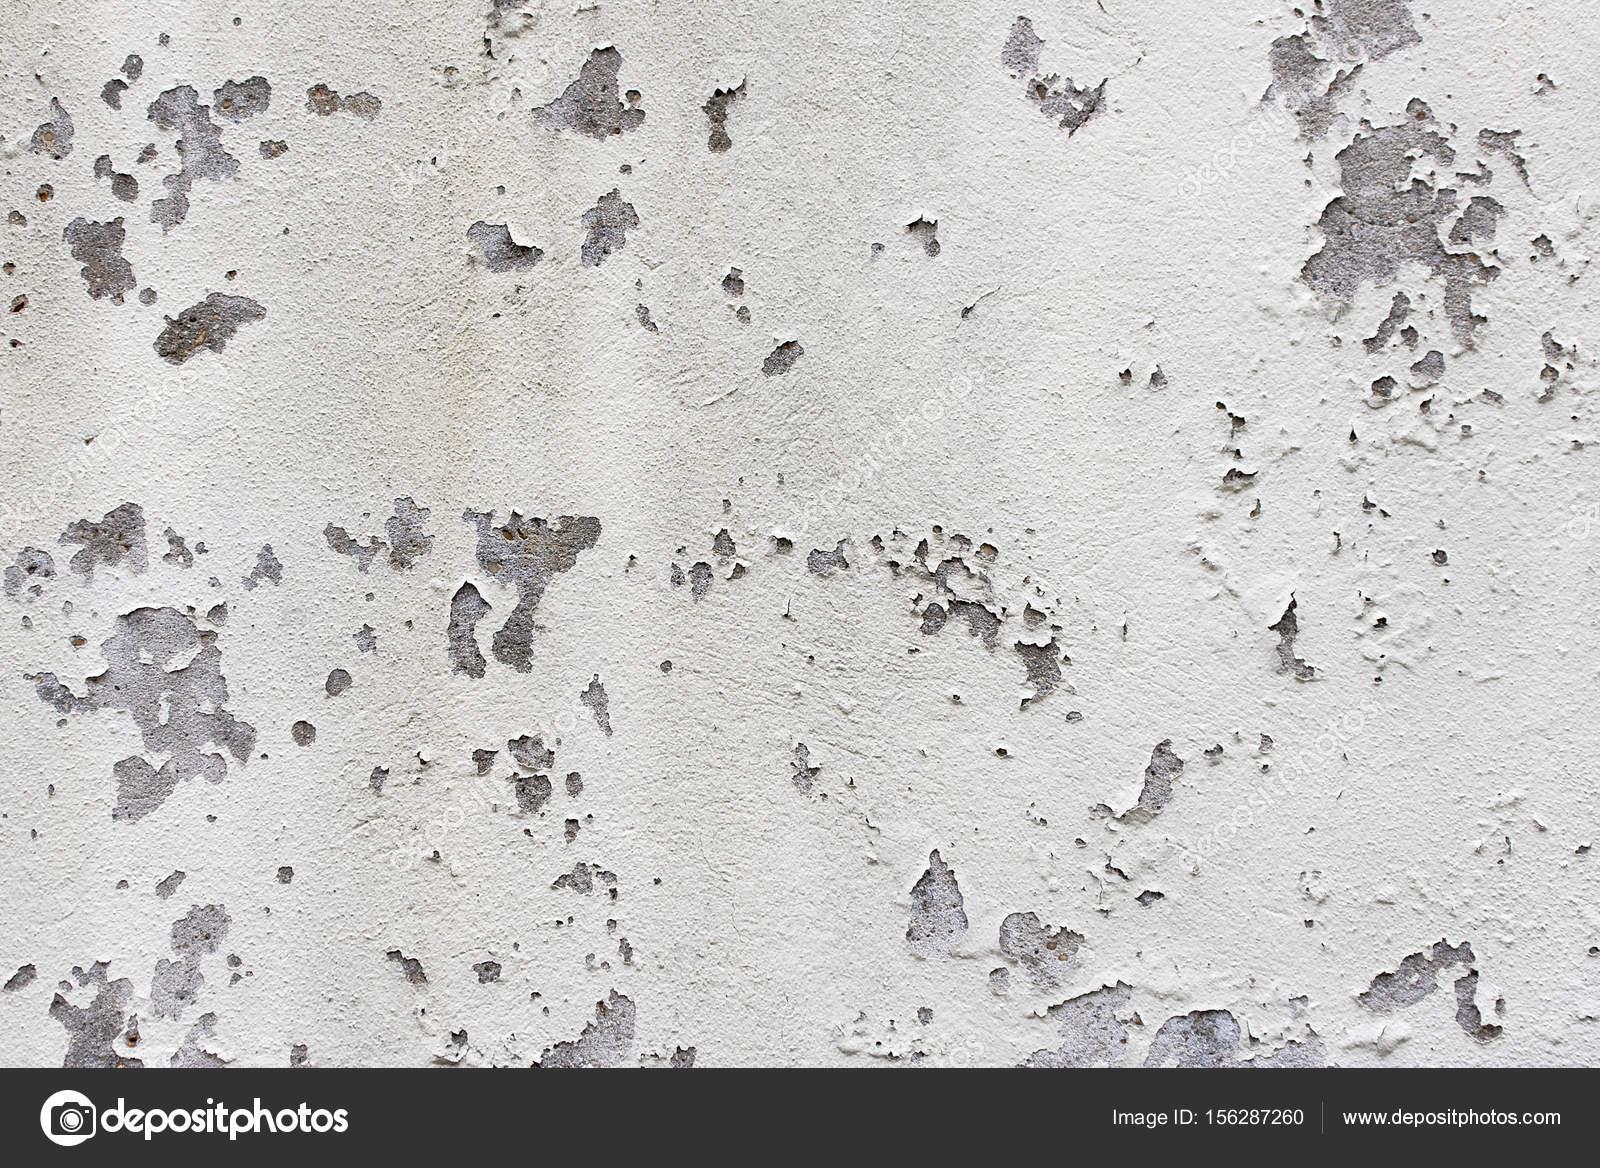 ancienne peinture blanche sur mur de b ton gris de fond. Black Bedroom Furniture Sets. Home Design Ideas